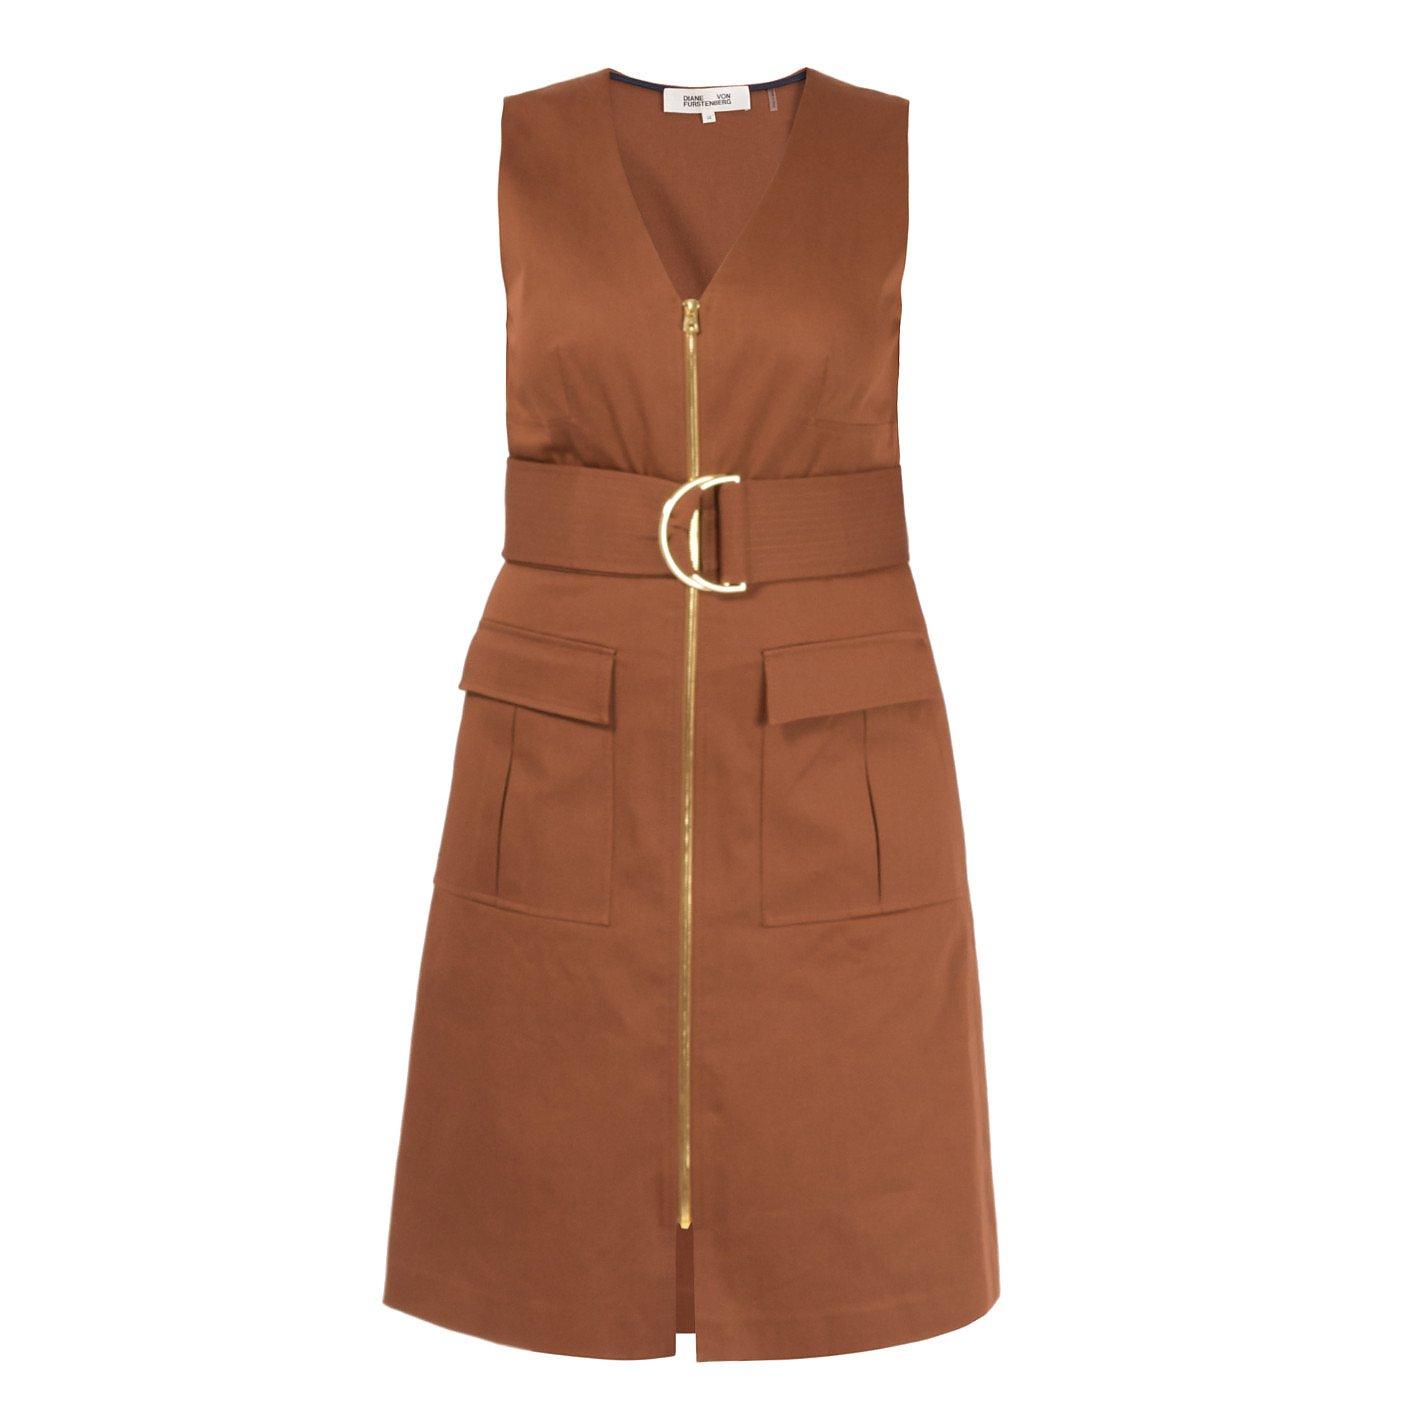 Diane von Furstenberg Sleeveless Belted Dress